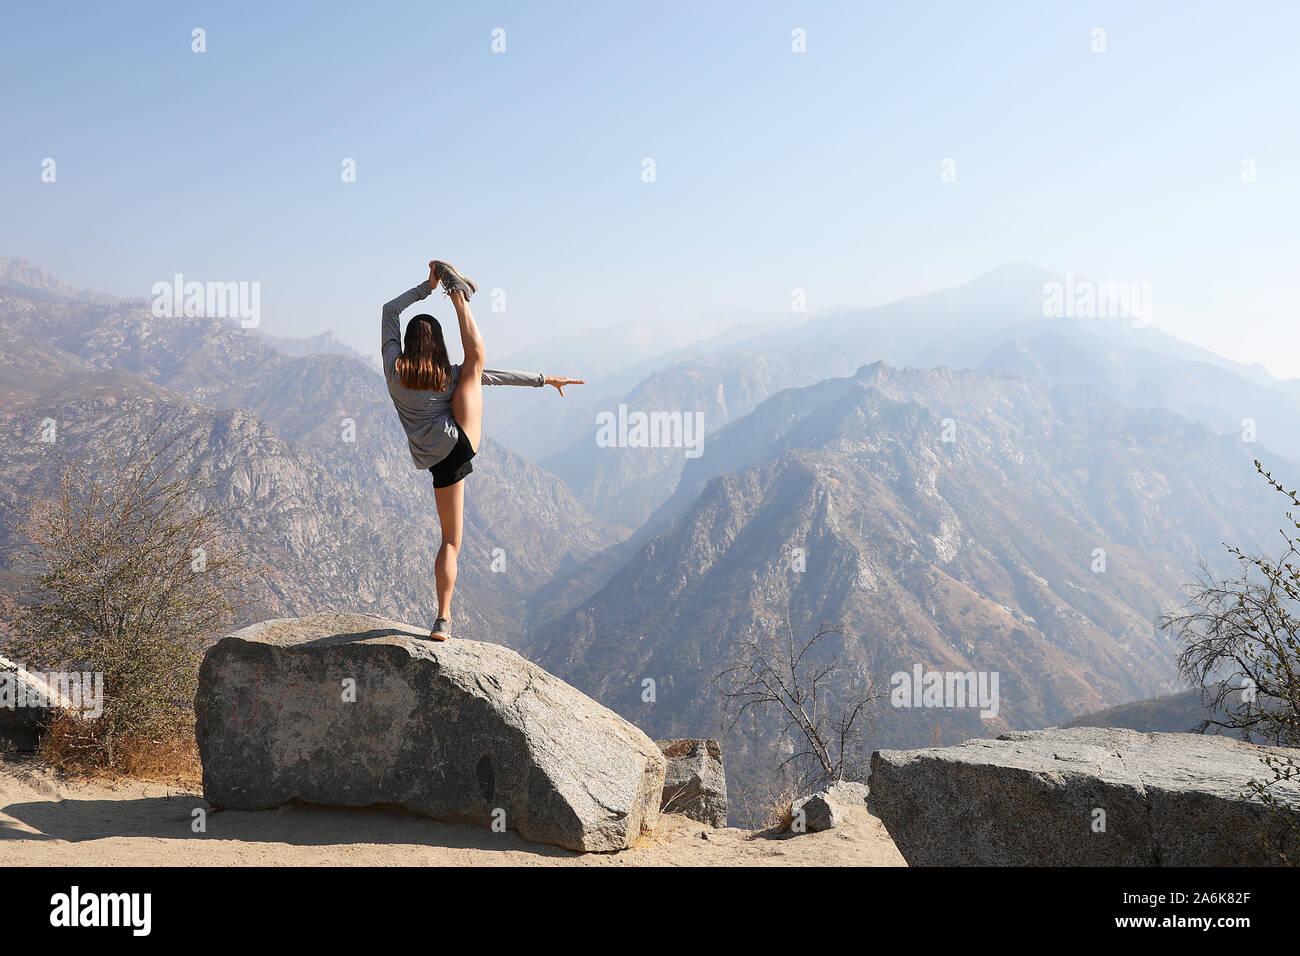 Las hembras jóvenes se involucra en pose de yoga increíble en el pintoresco entorno de montaña. Foto de stock